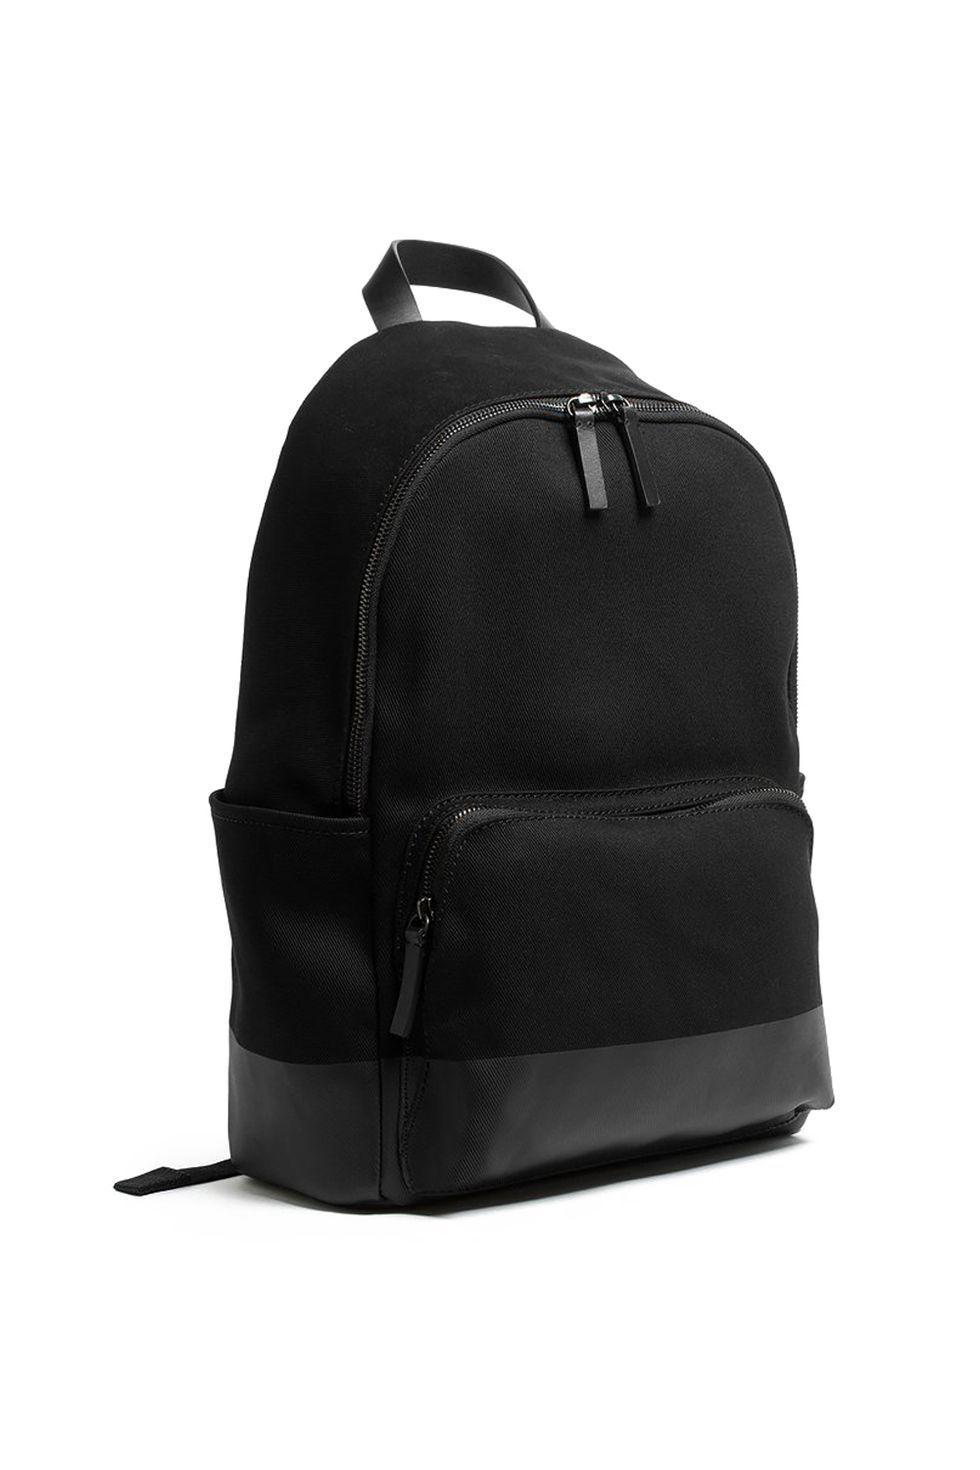 fe1562bf2434 12 Best Backpacks for Women 2018 - Cute Backpacks for Travel